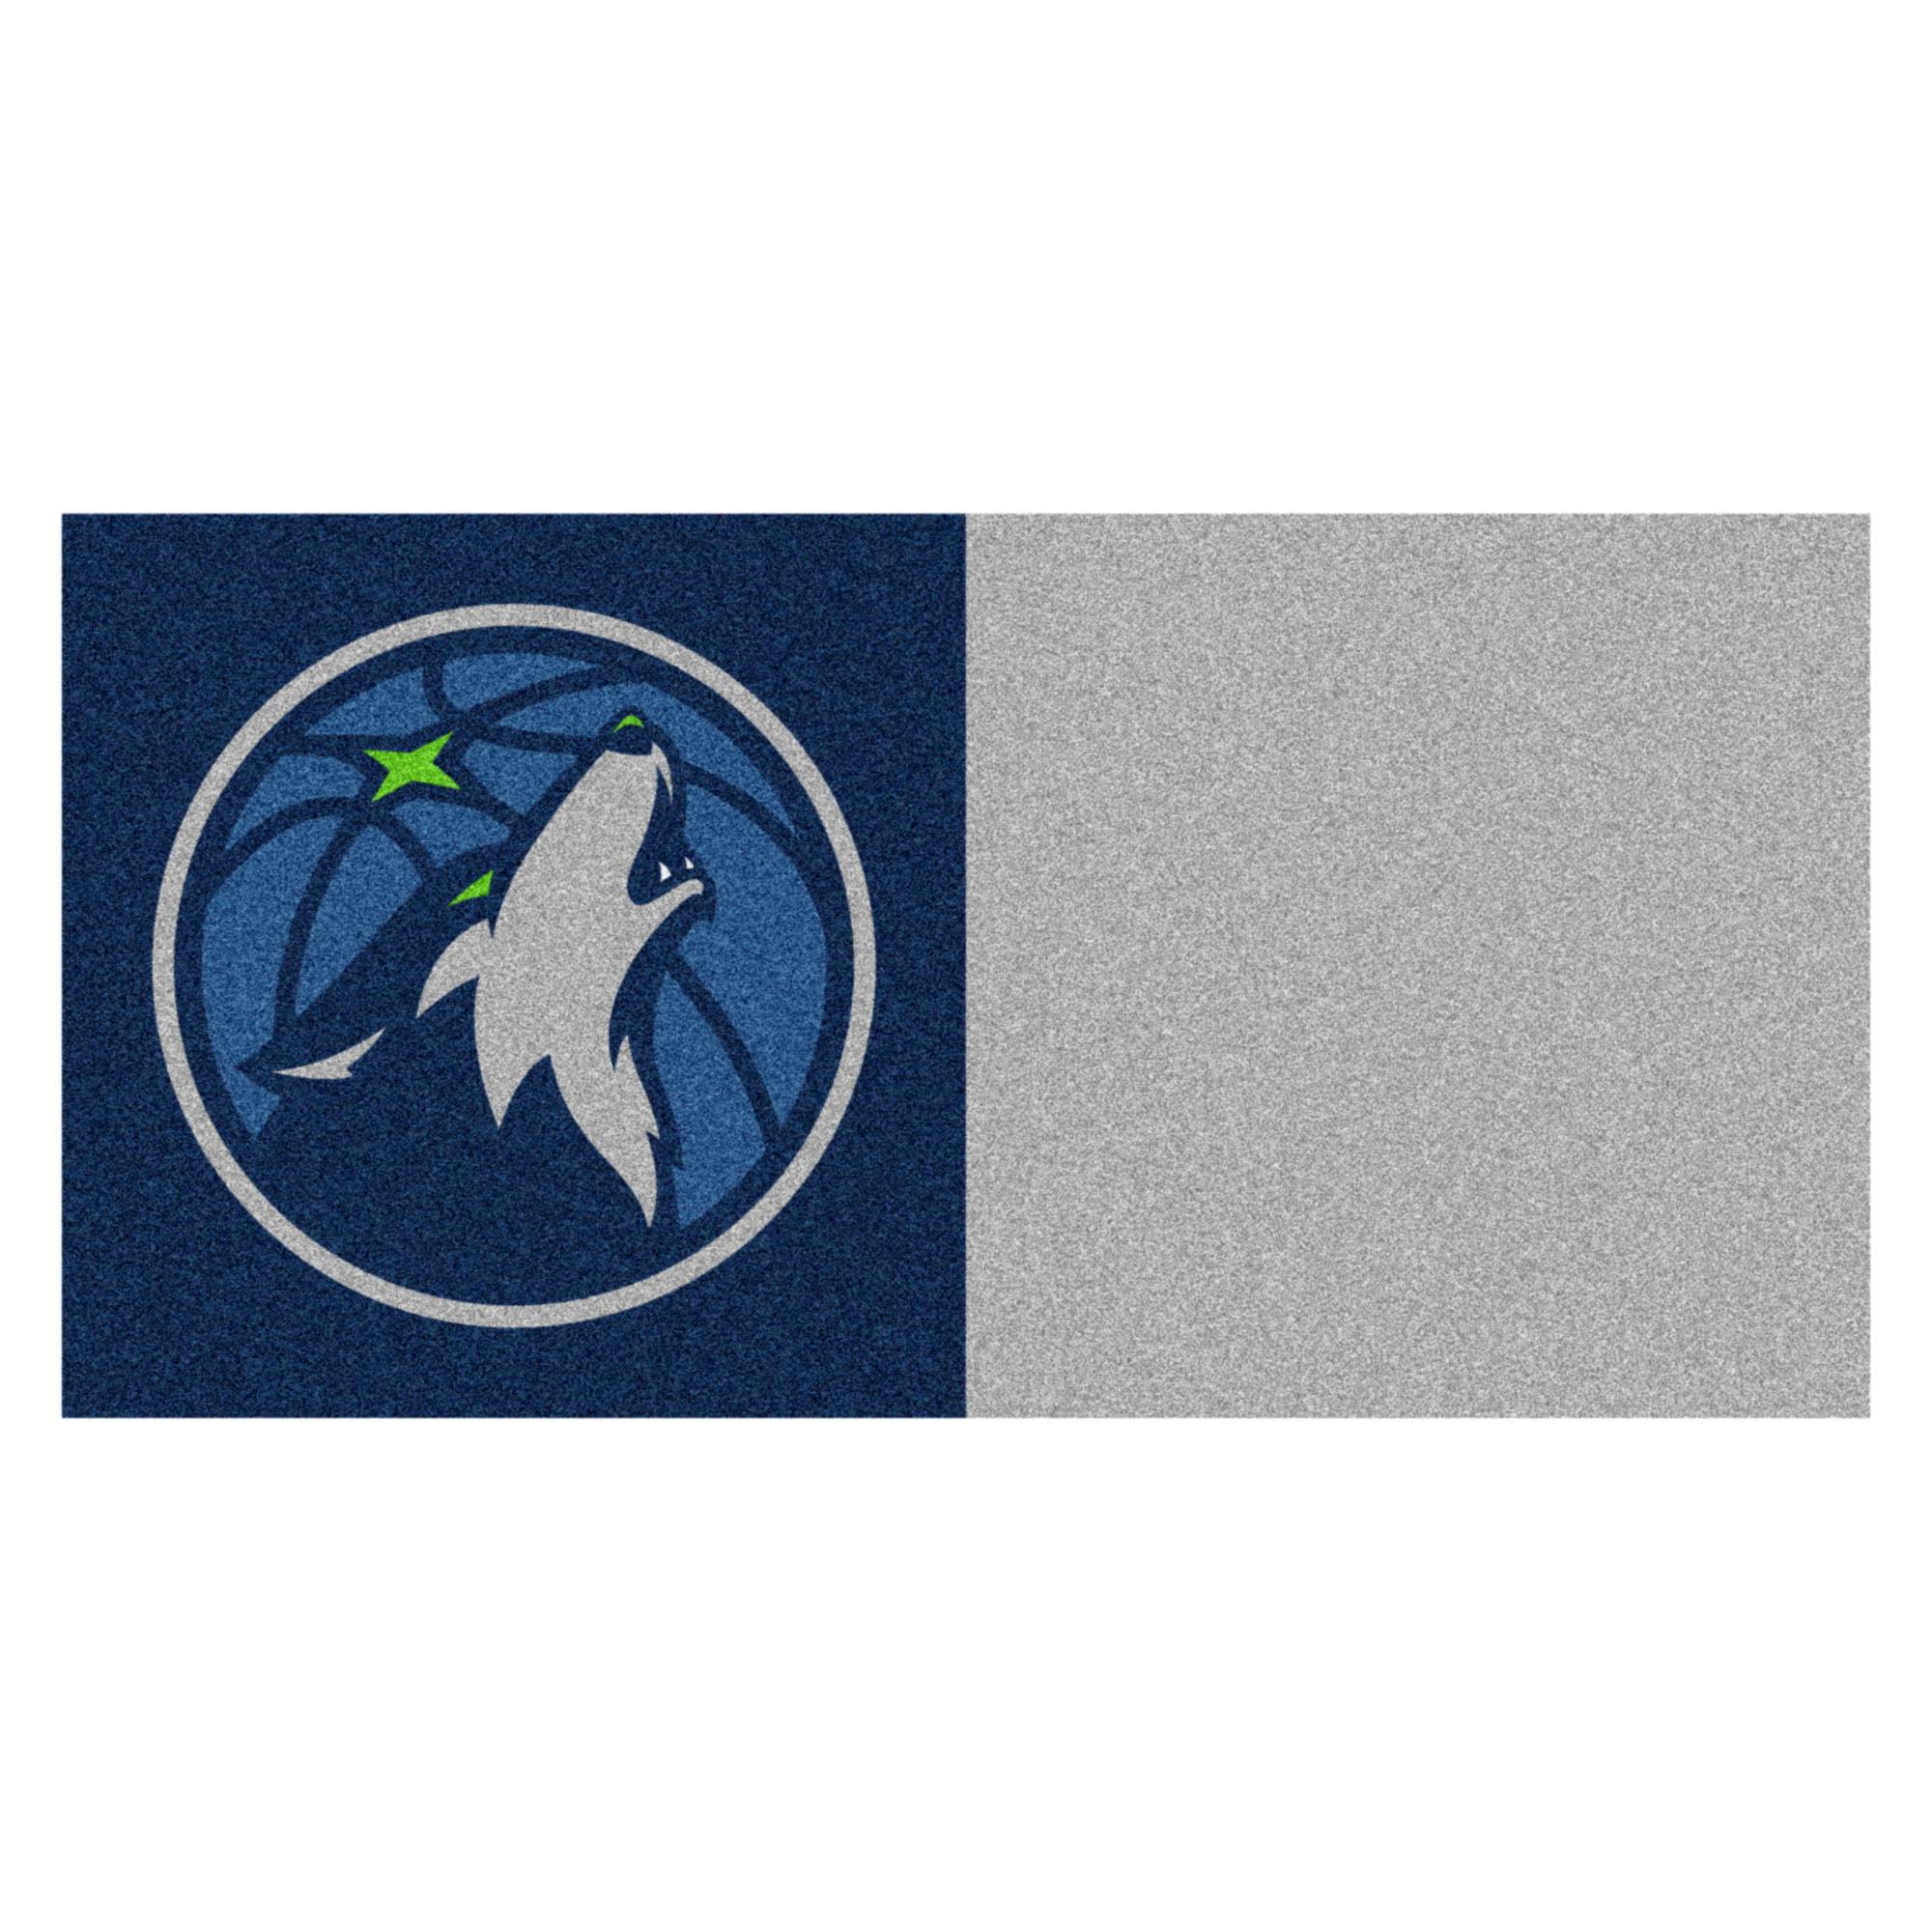 NBA Minnesota Timberwolves Team Carpet Tile Flooring Squares, 20-PC Set